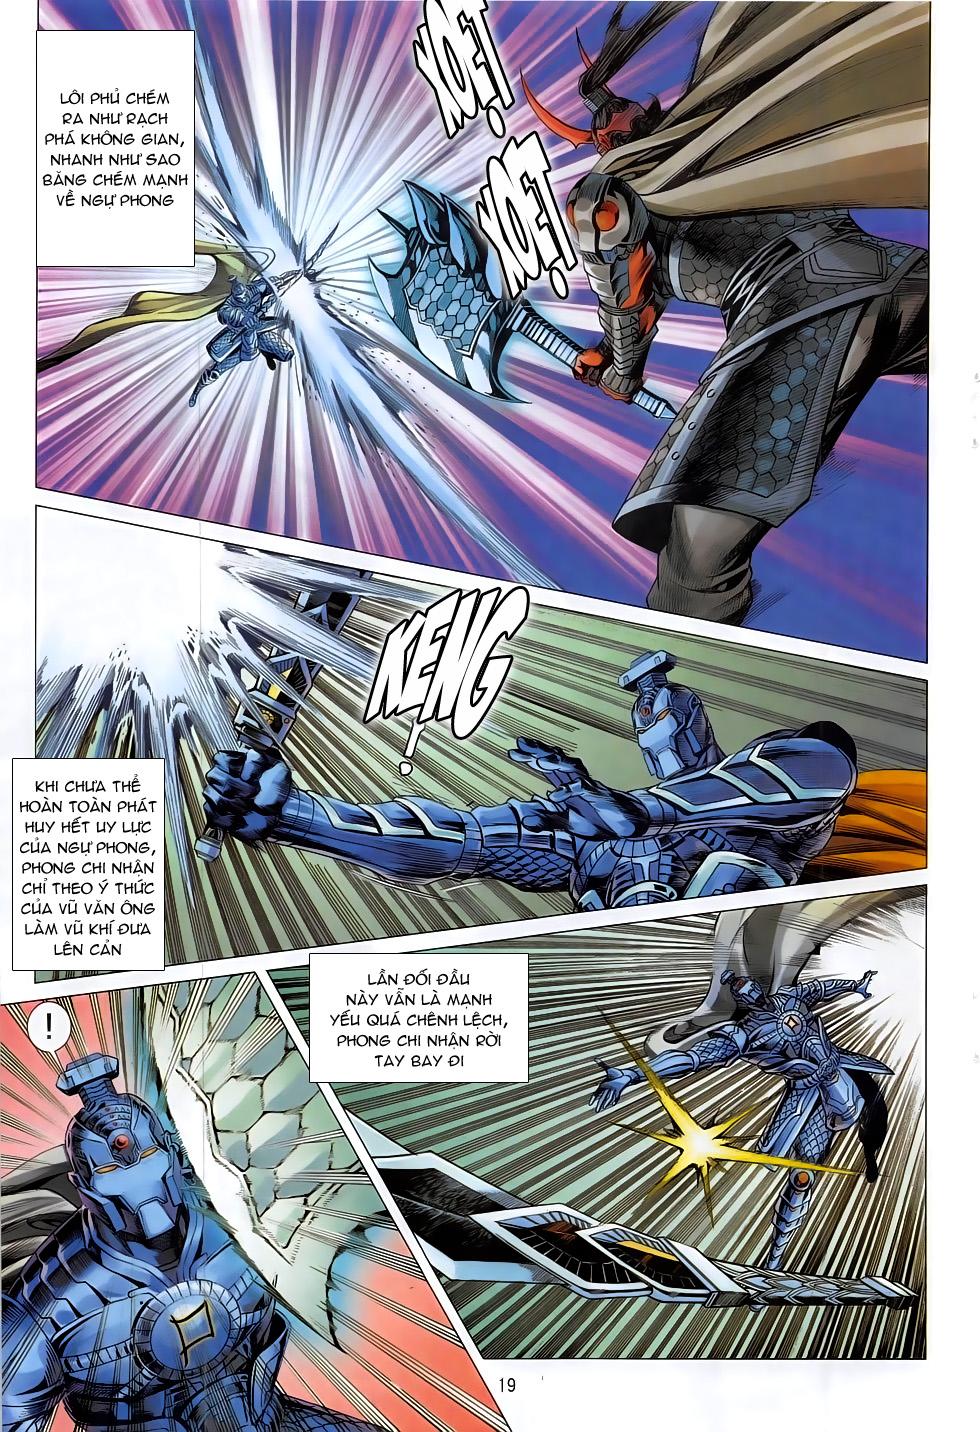 Chiến Phổ chapter 13: trận liệt tại tiền trang 19